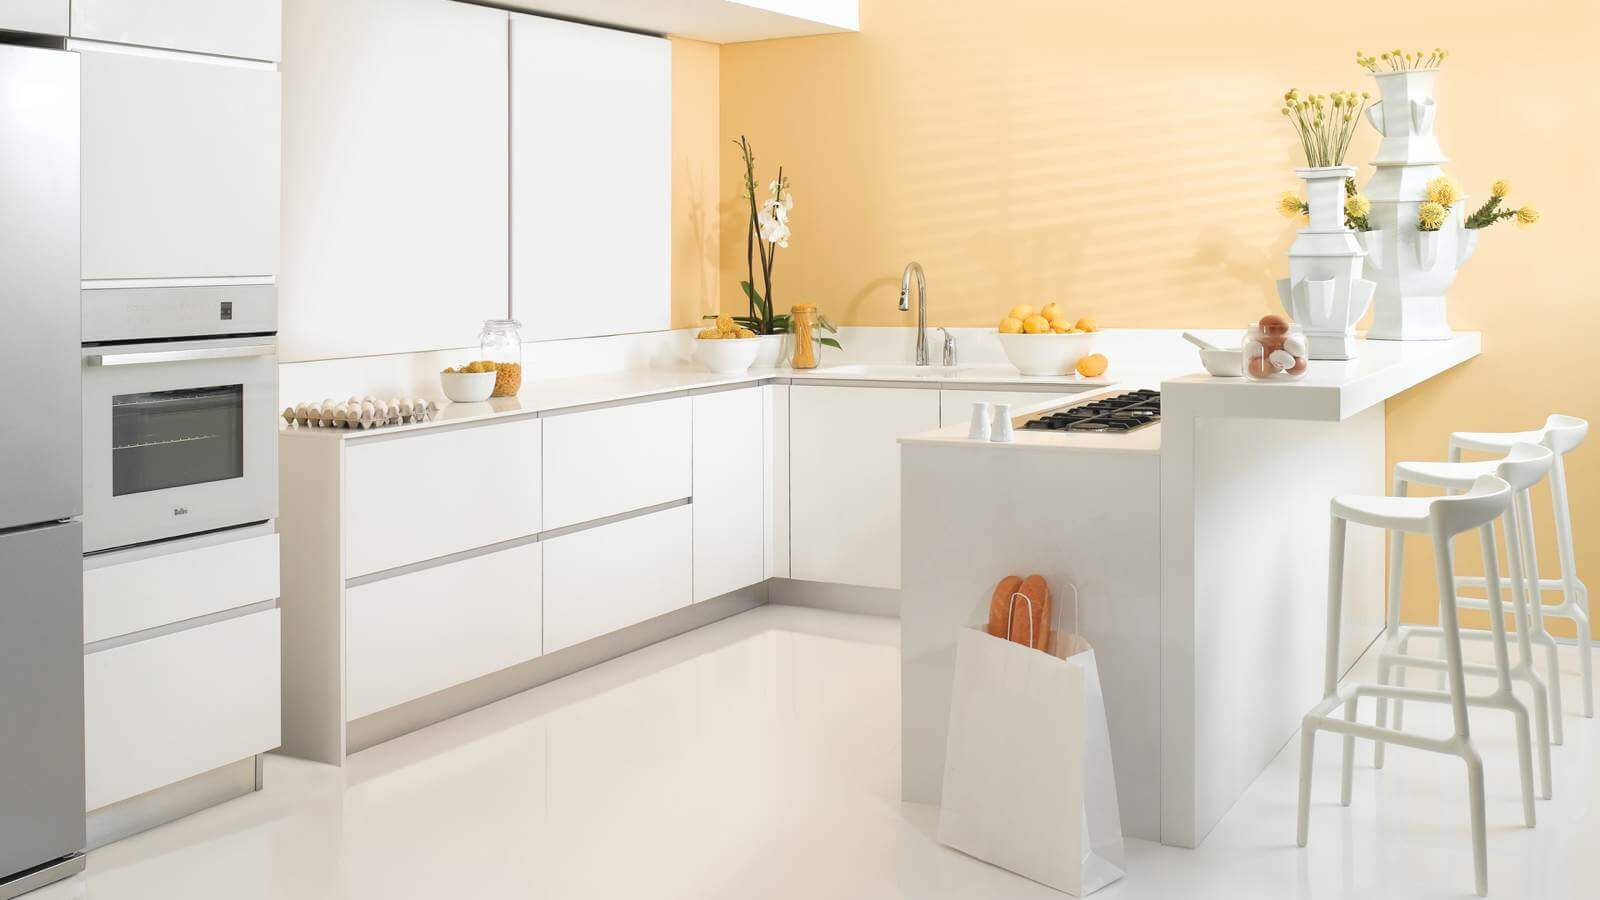 כיצד לשמור על המטבח לאורך שנים?